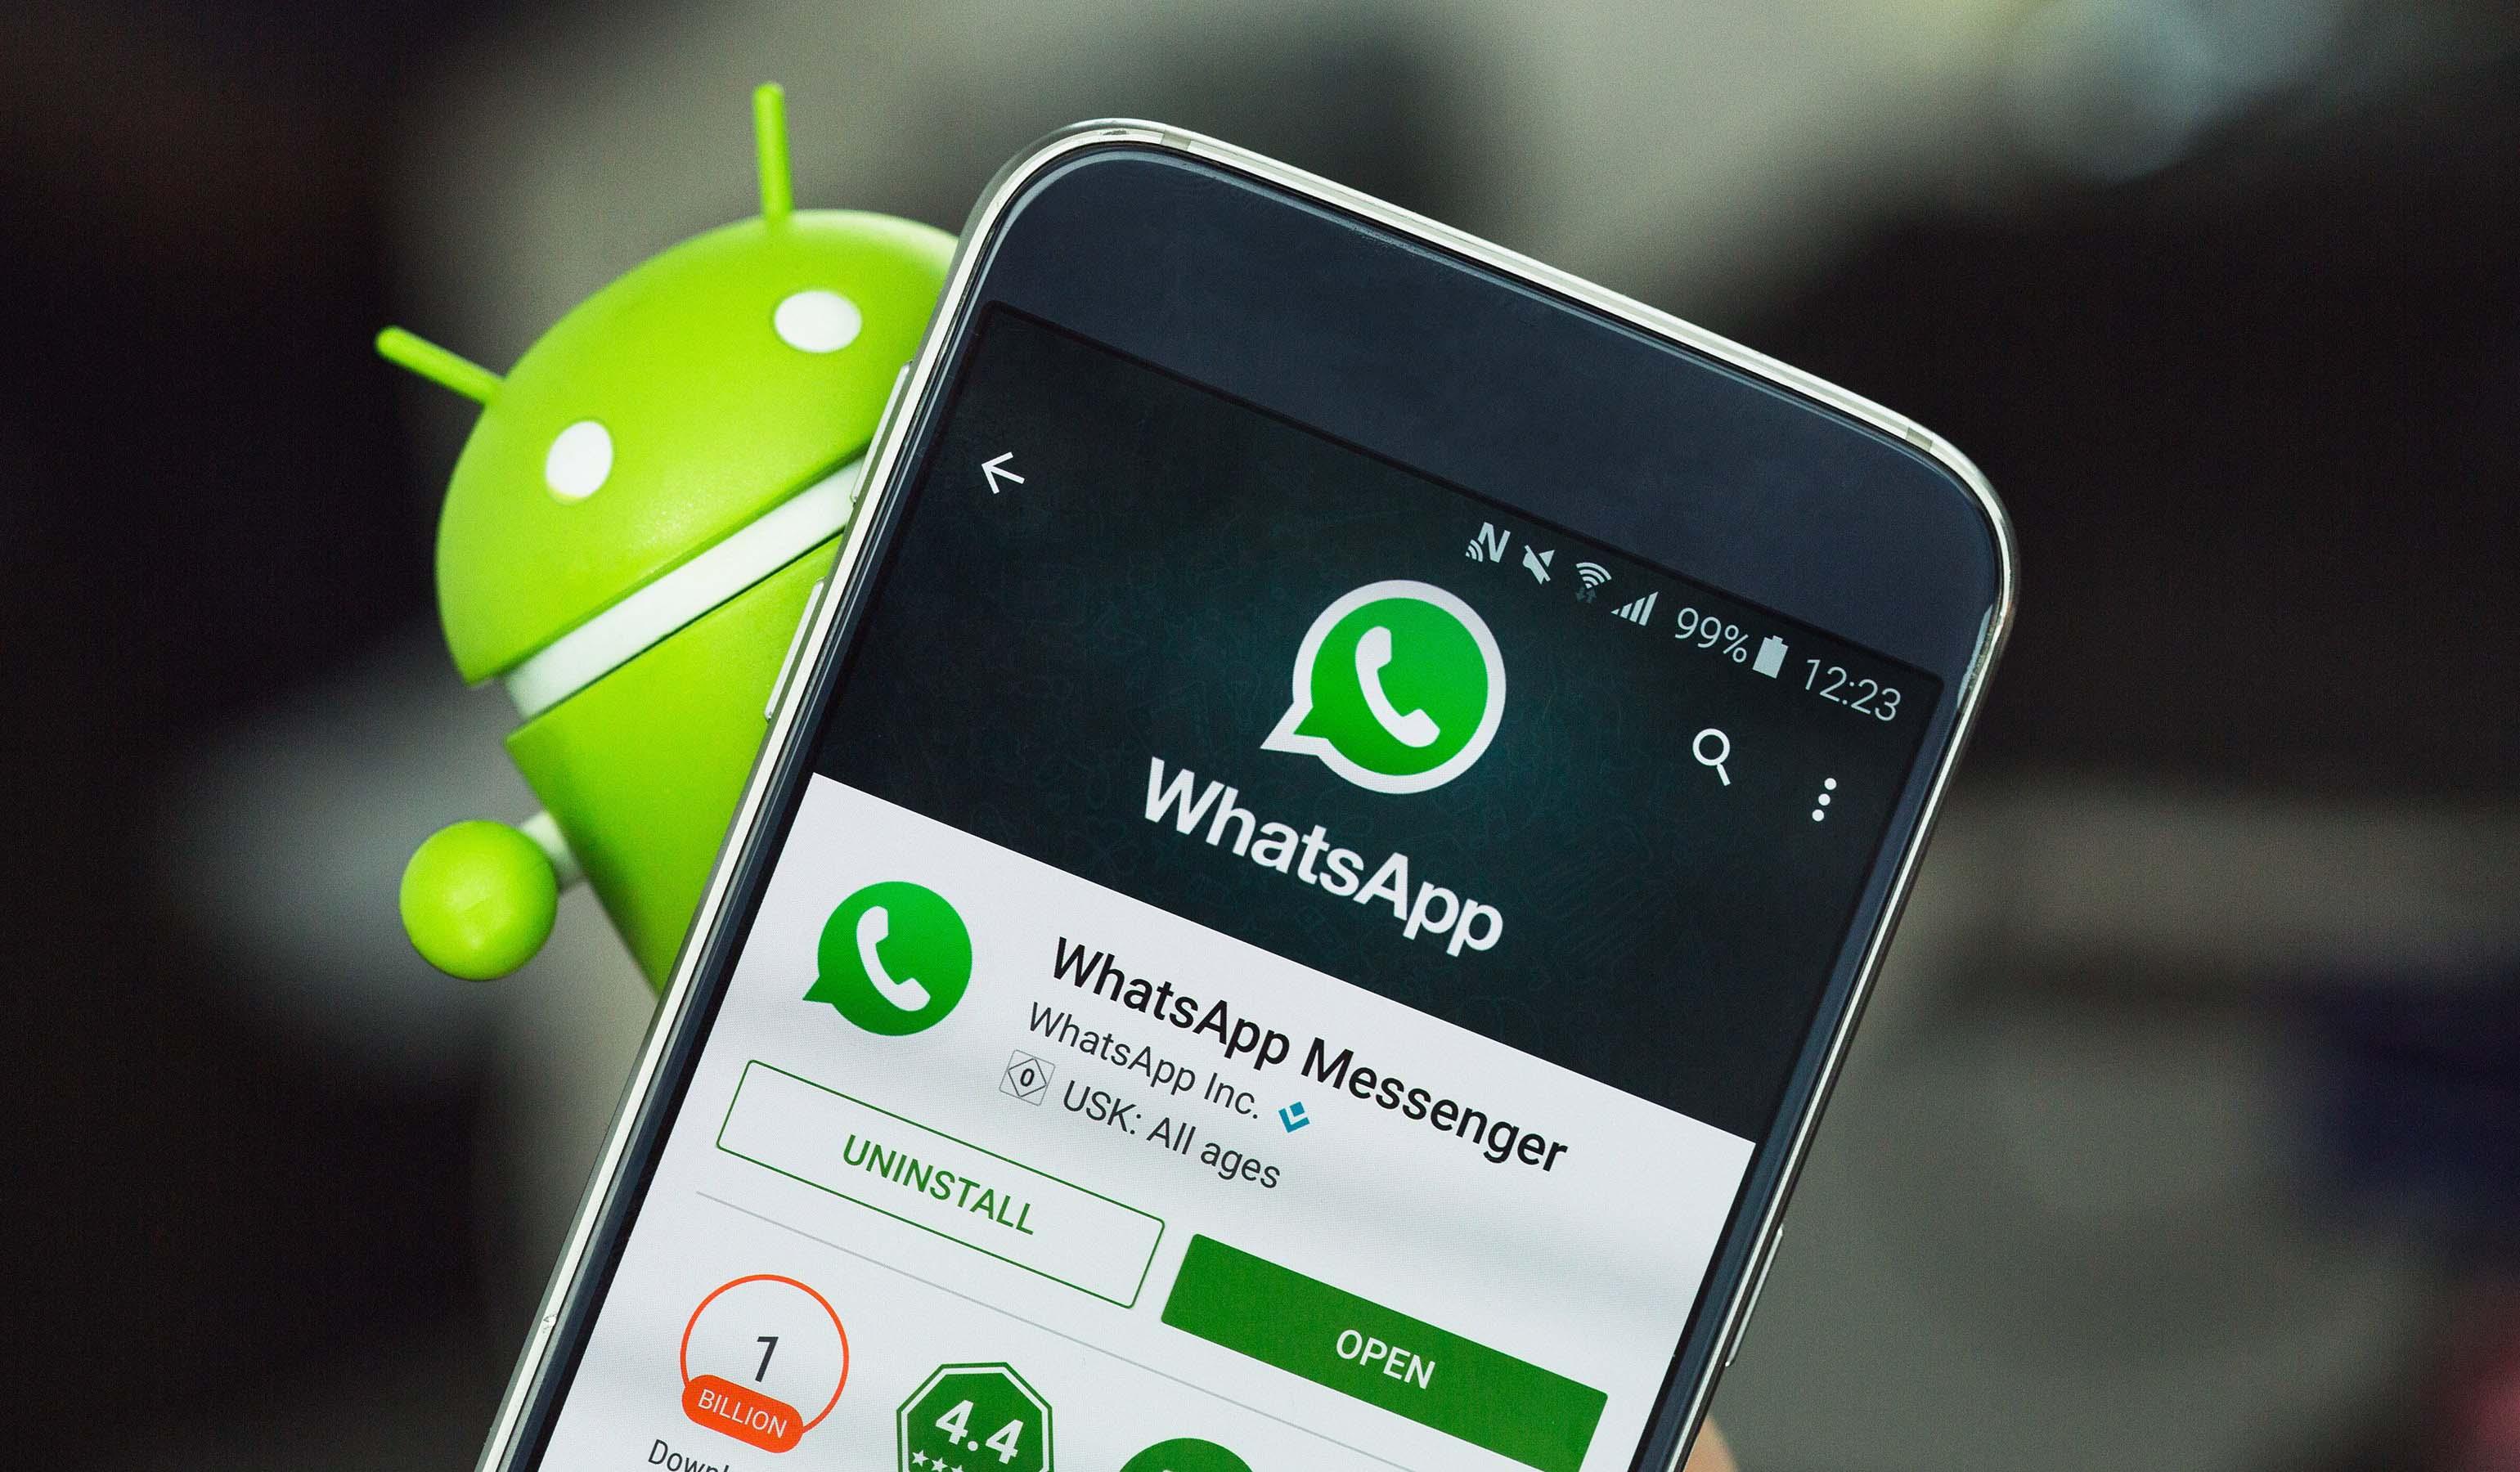 El servicio de mensajería instantánea trae grandes actualizaciones con las que espera mantener y sumar usuarios